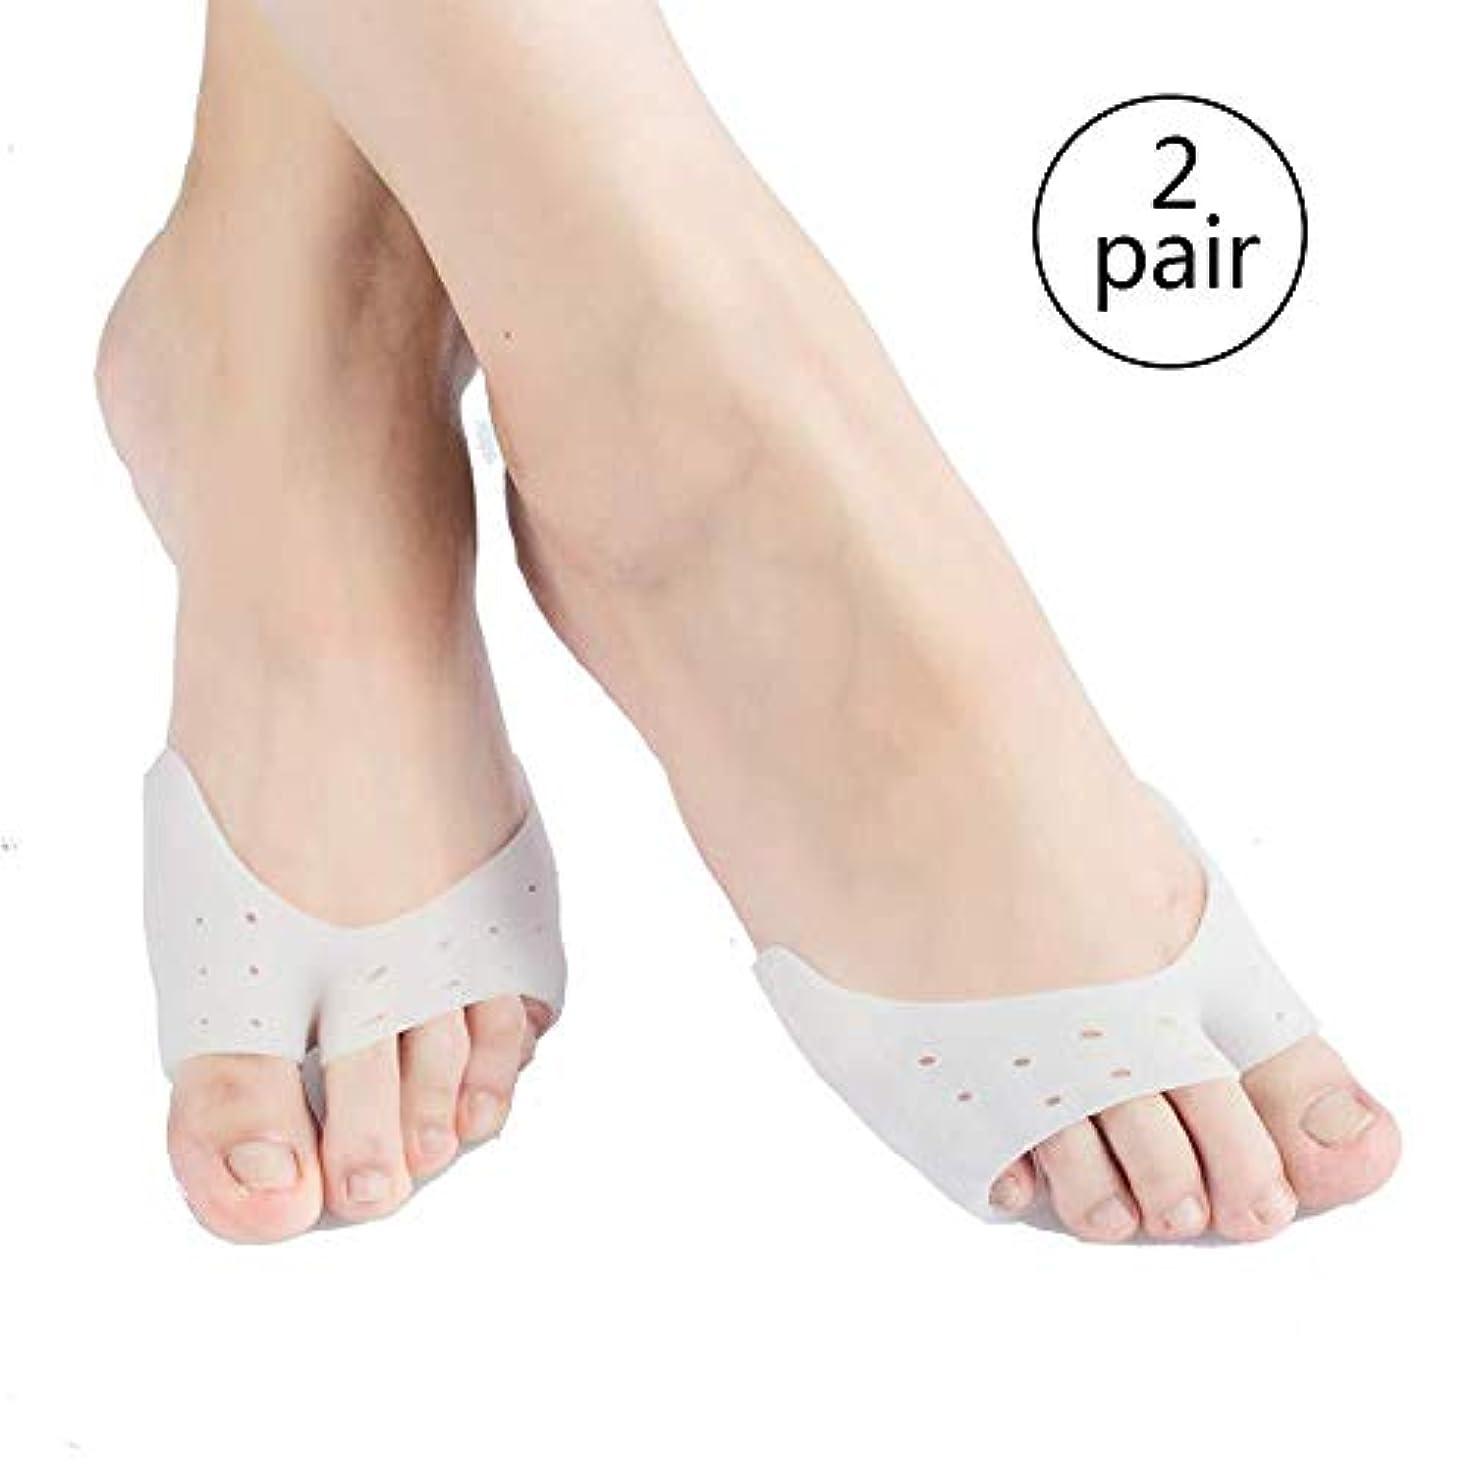 単にスプーンヒント足のセパレーター、足の親指のアライナー、足の親指の矯正、ナイトバニオンの寛解、男性と女性の外反母hallの痛みの緩和